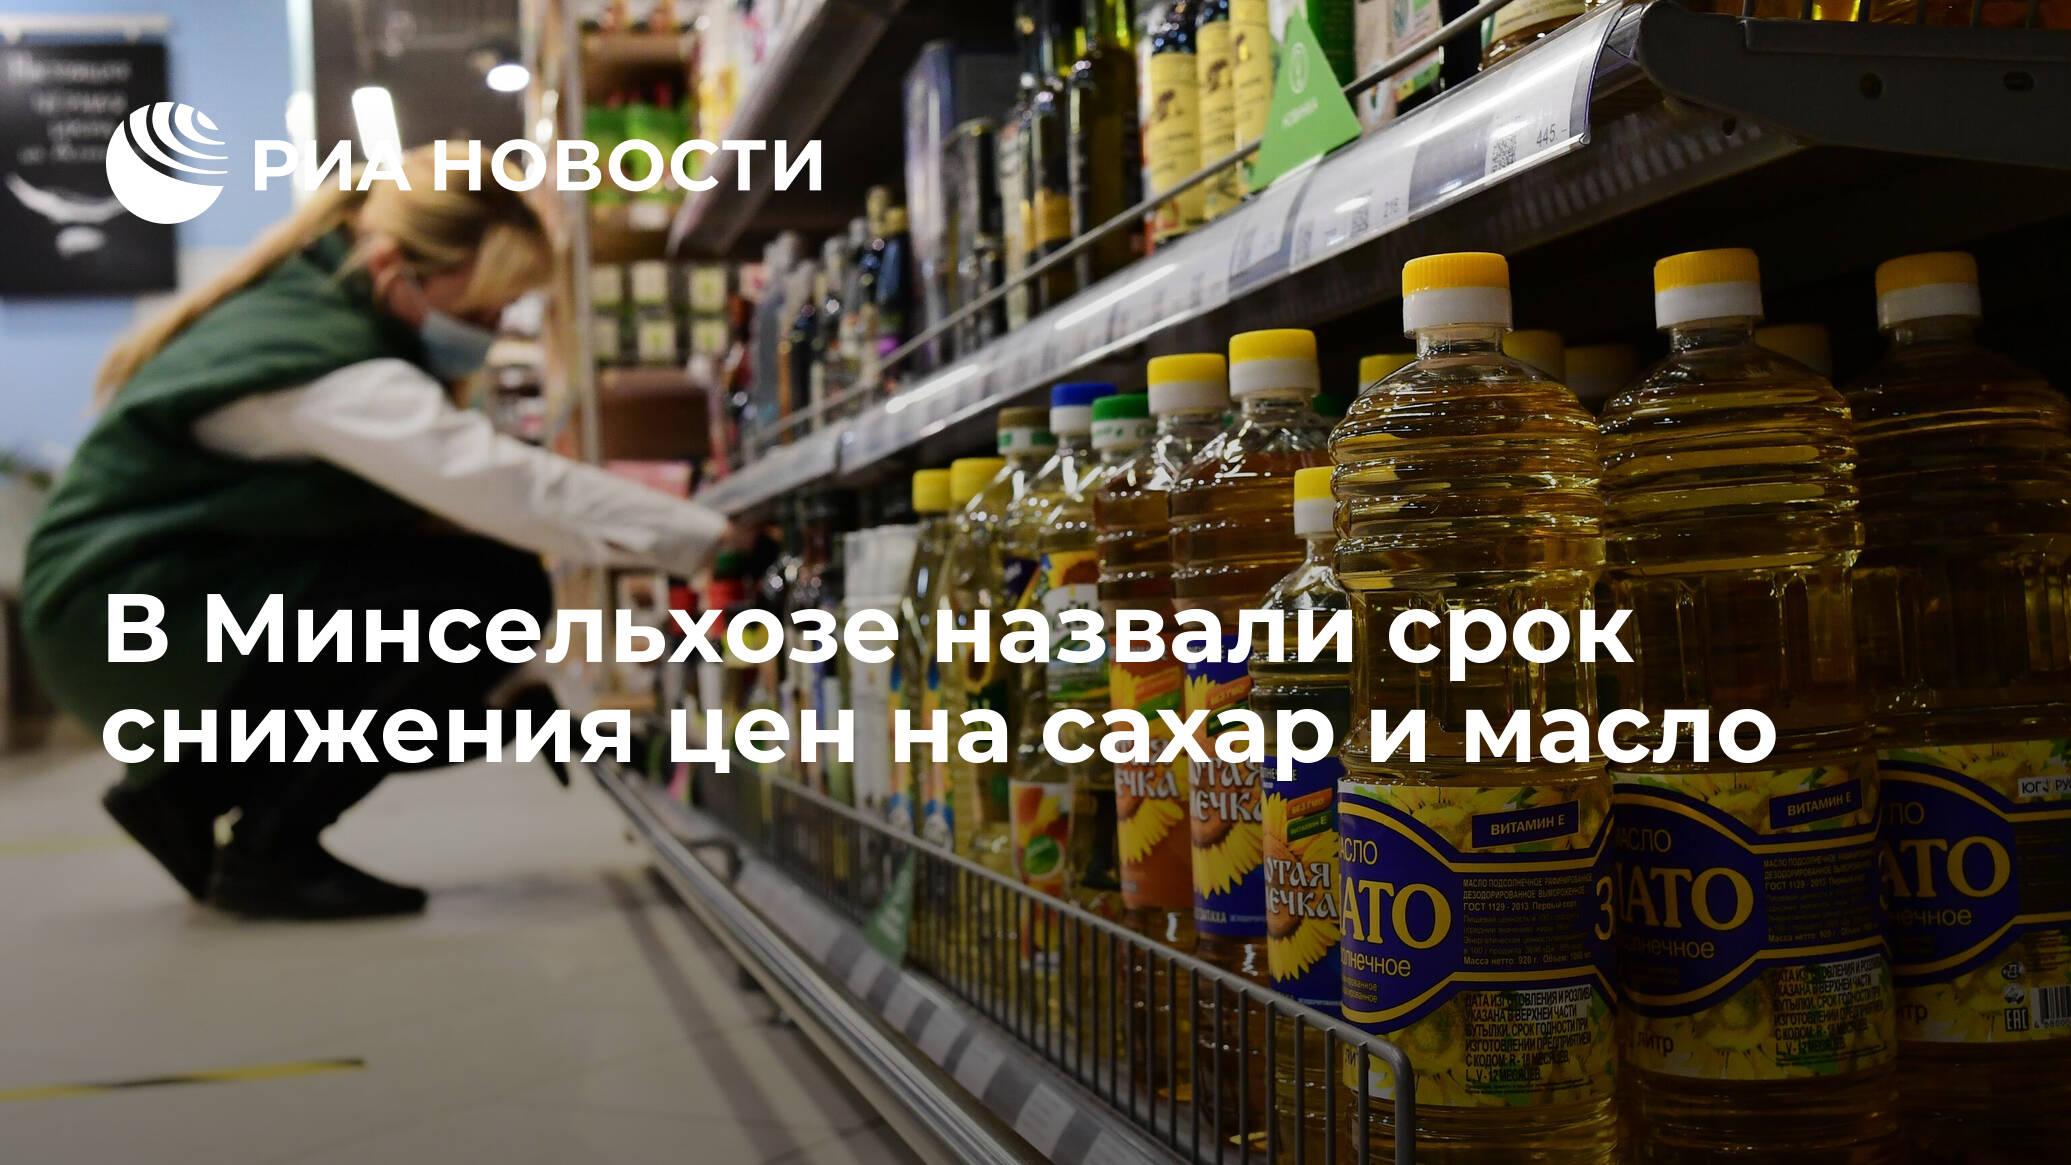 В Минсельхозе назвали срок снижения цен на сахар и масло - РИА НОВОСТИ